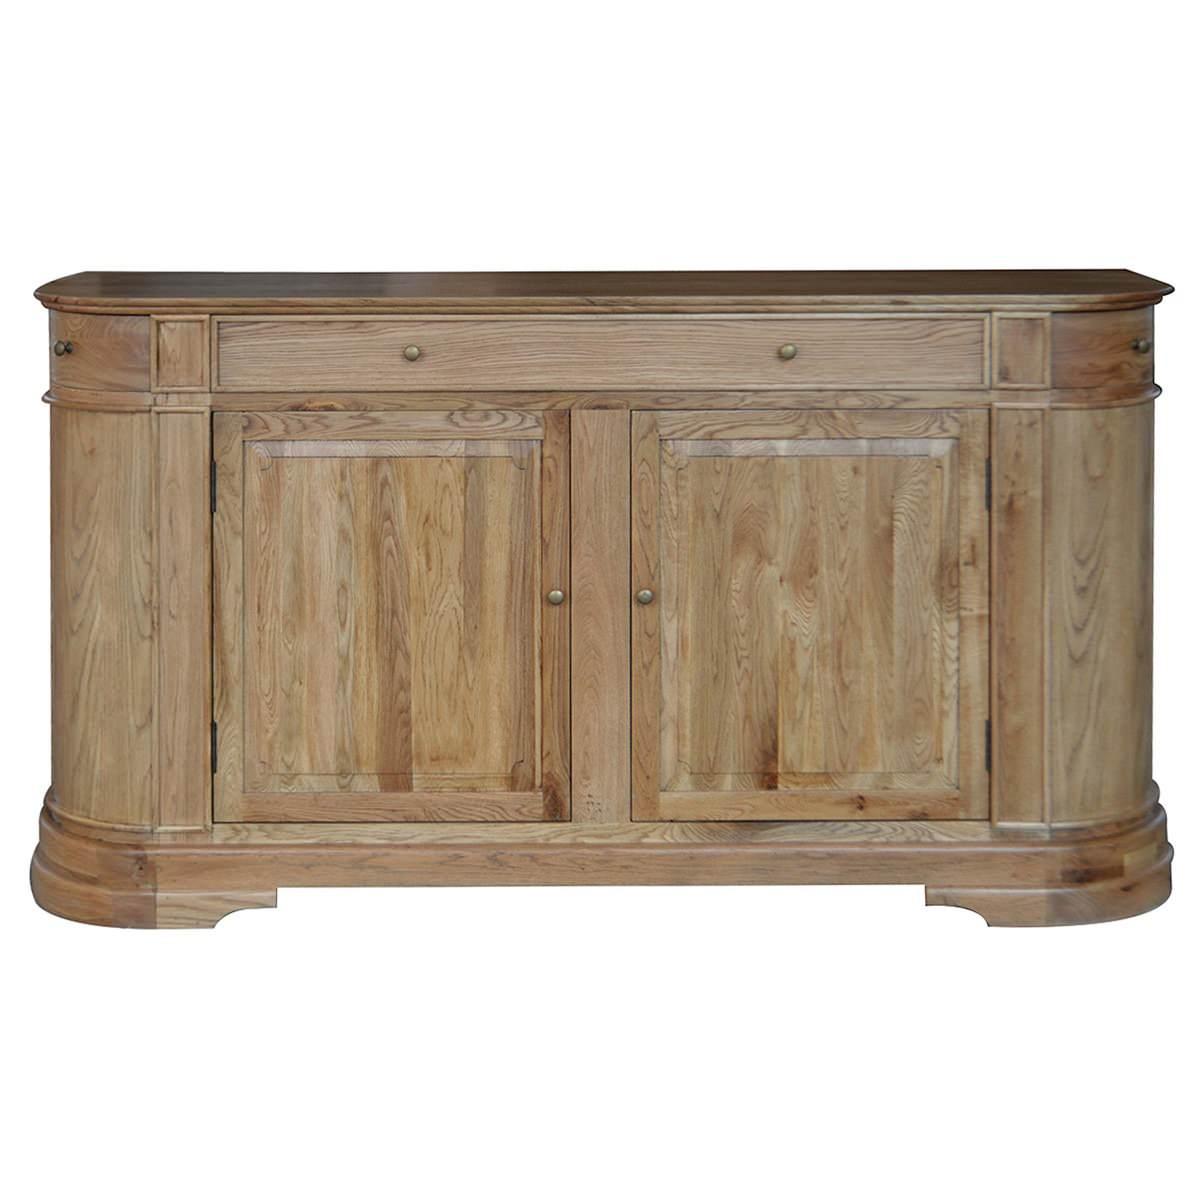 William John Oak Timber 2 Door 3 Drawer Sideboard, 183cm, Natural Oak